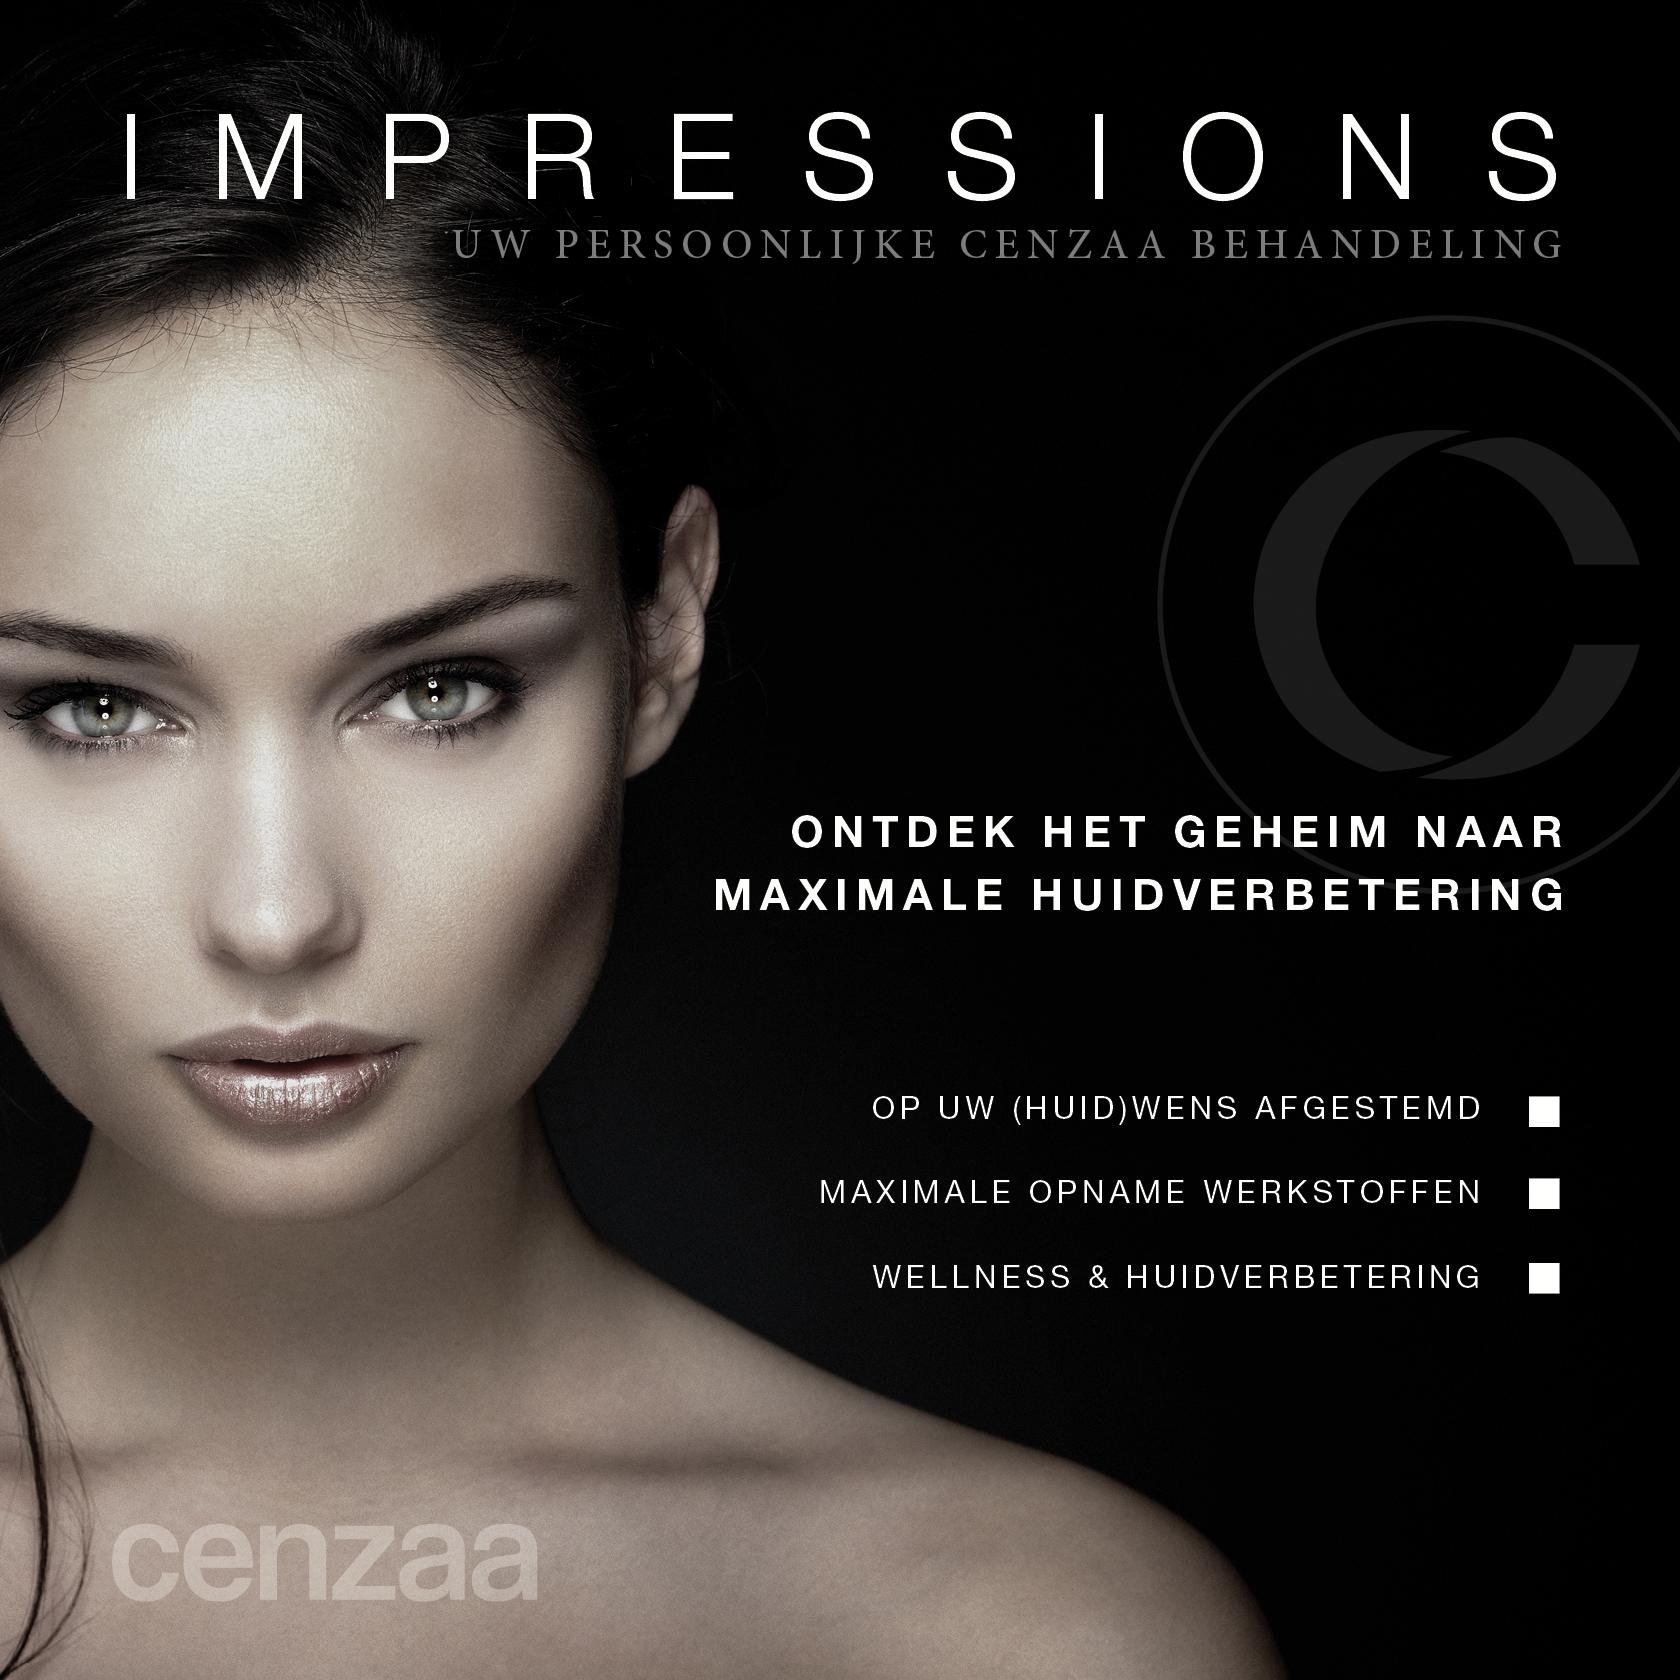 Impressions Facebook